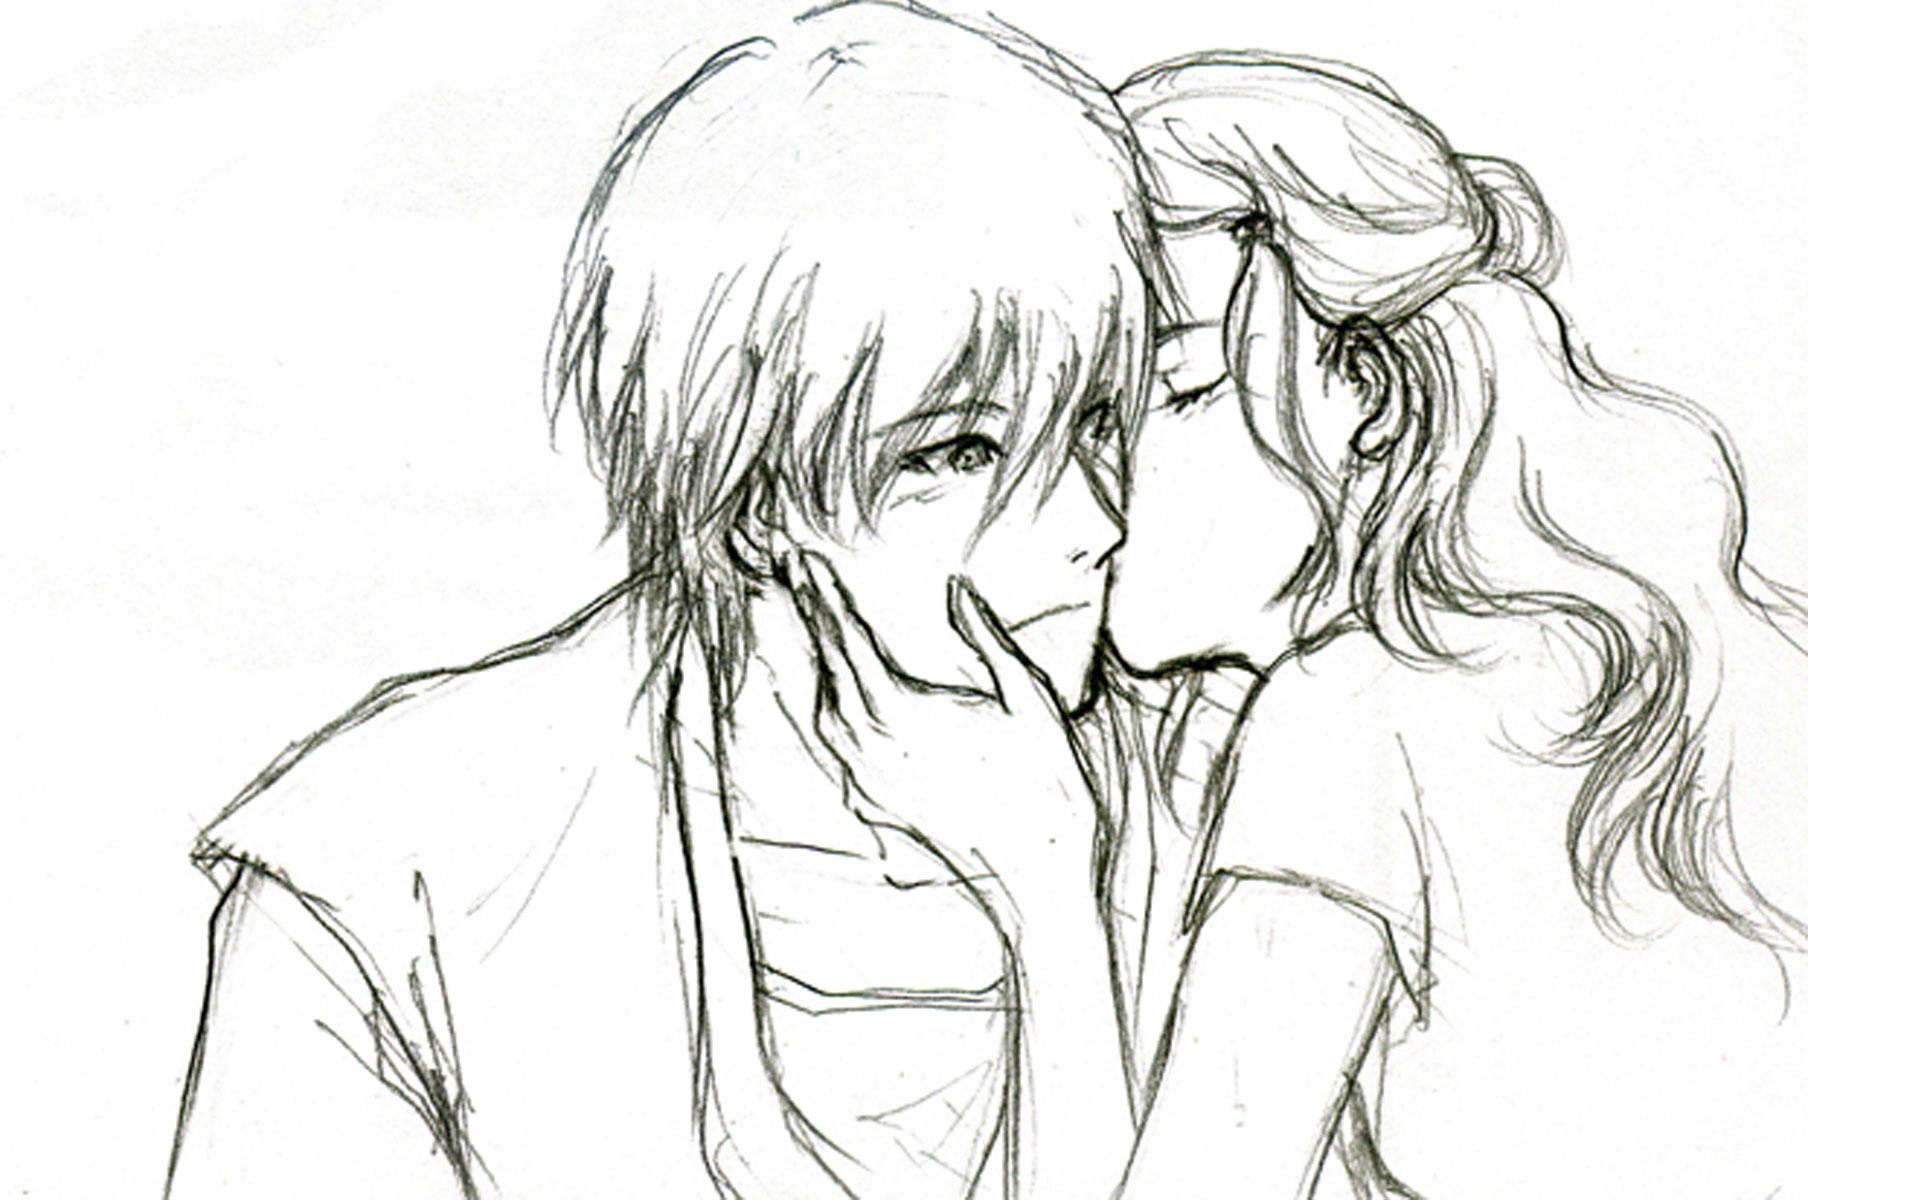 1920x1200 Cool Romantic Sketches Cute Love Drawings Pencil Art Hd Romantic